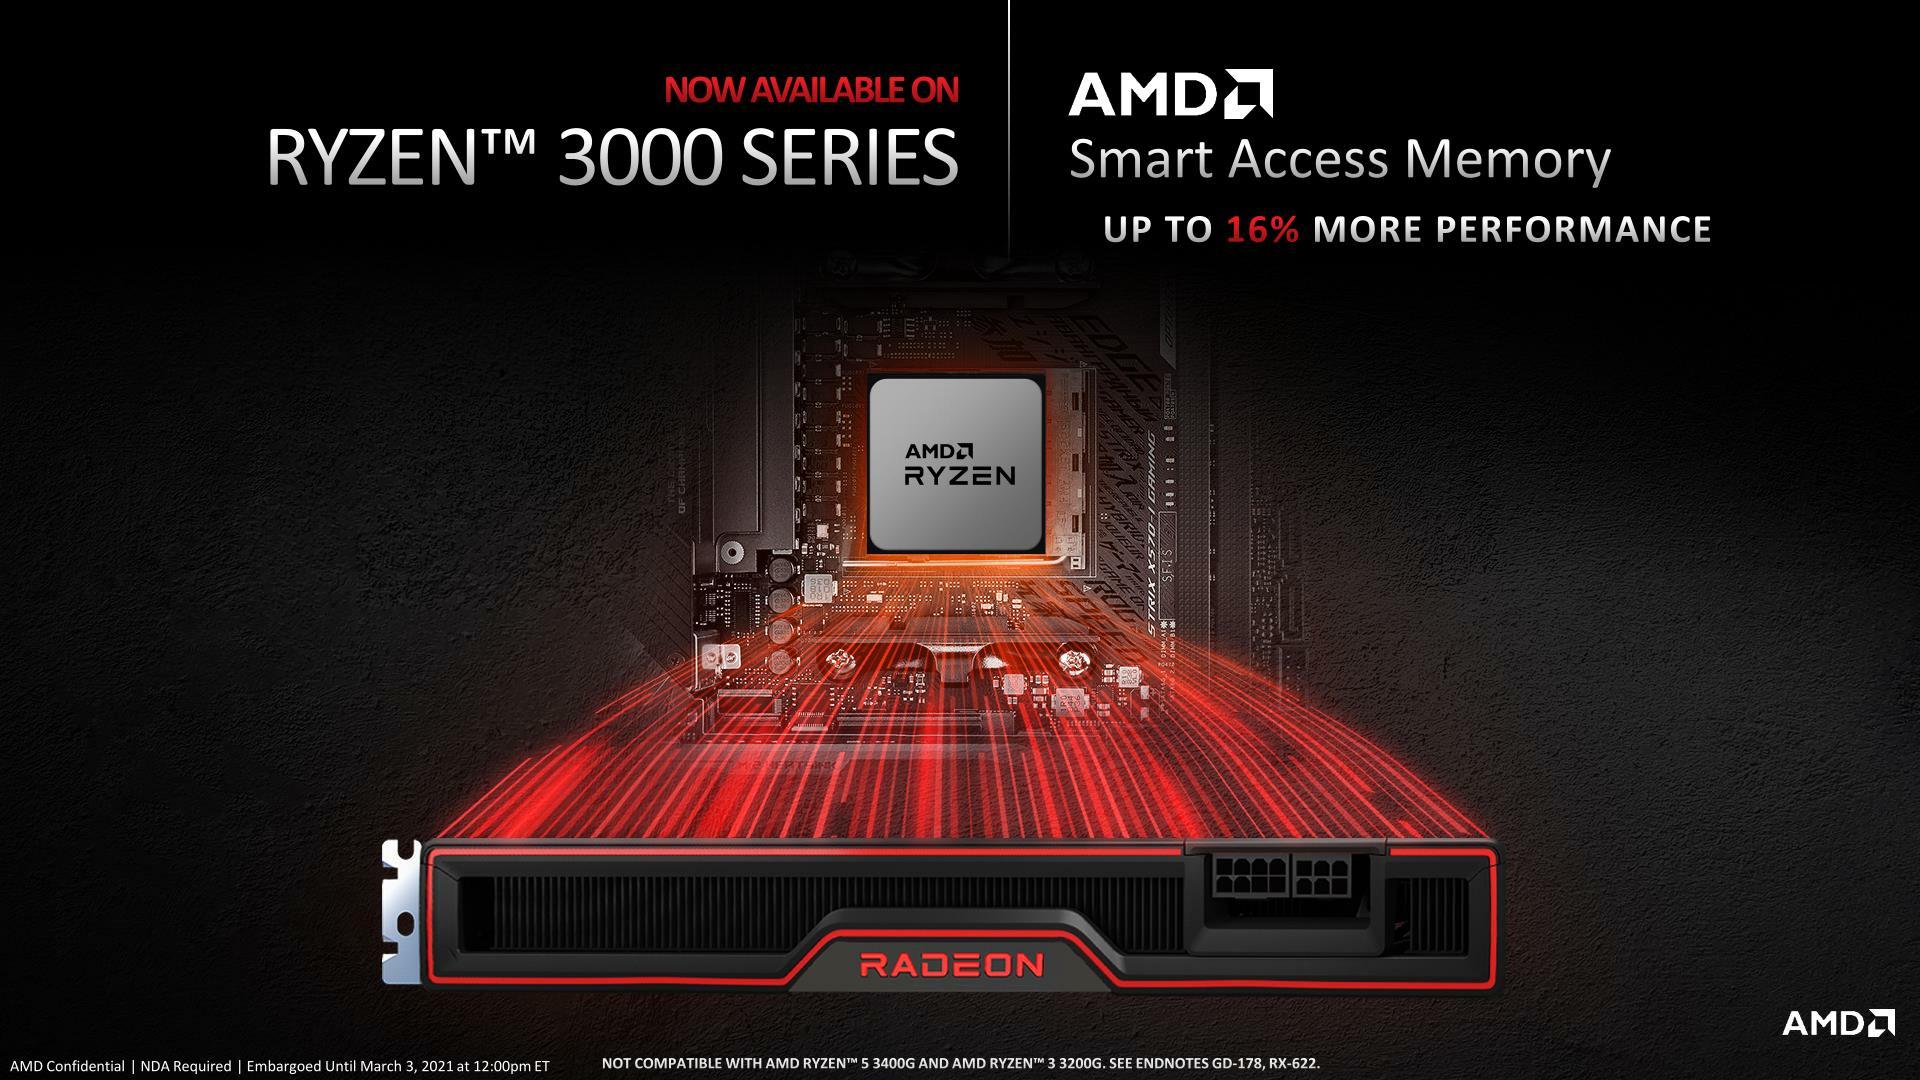 AMD добавляет поддержку Smart Access Memory для процессоров Ryzen 3000